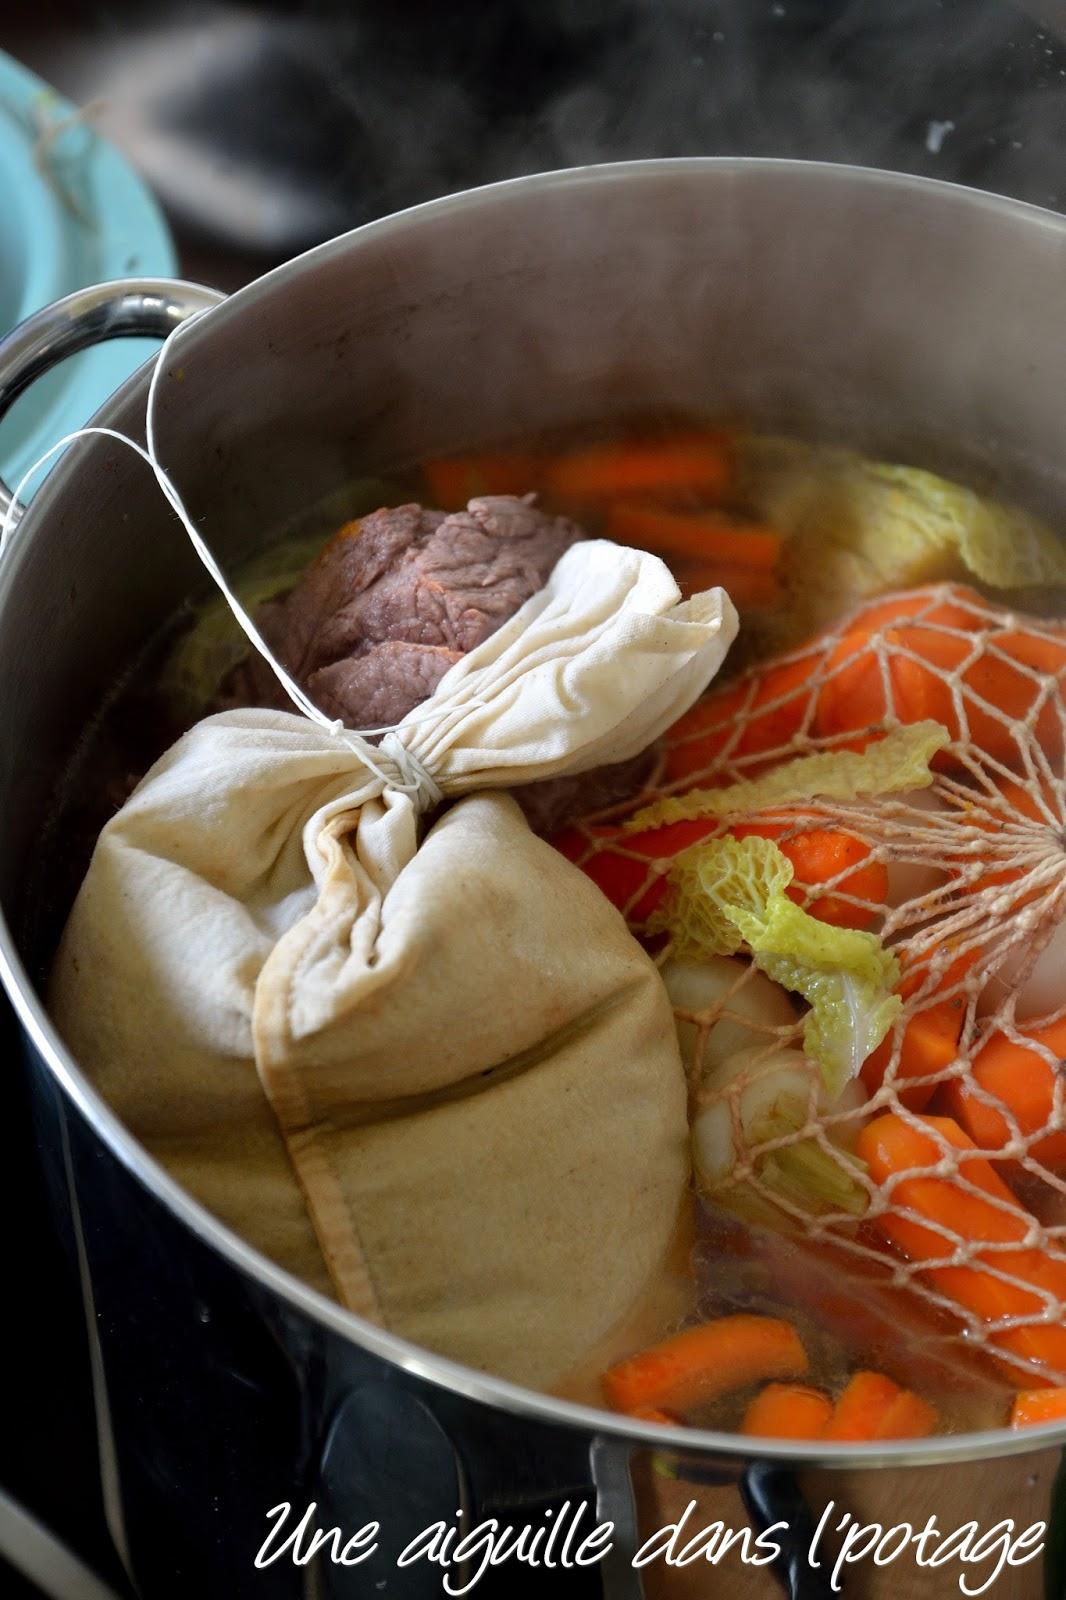 une aiguille dans l potage kig ha farz le pot au feu breton